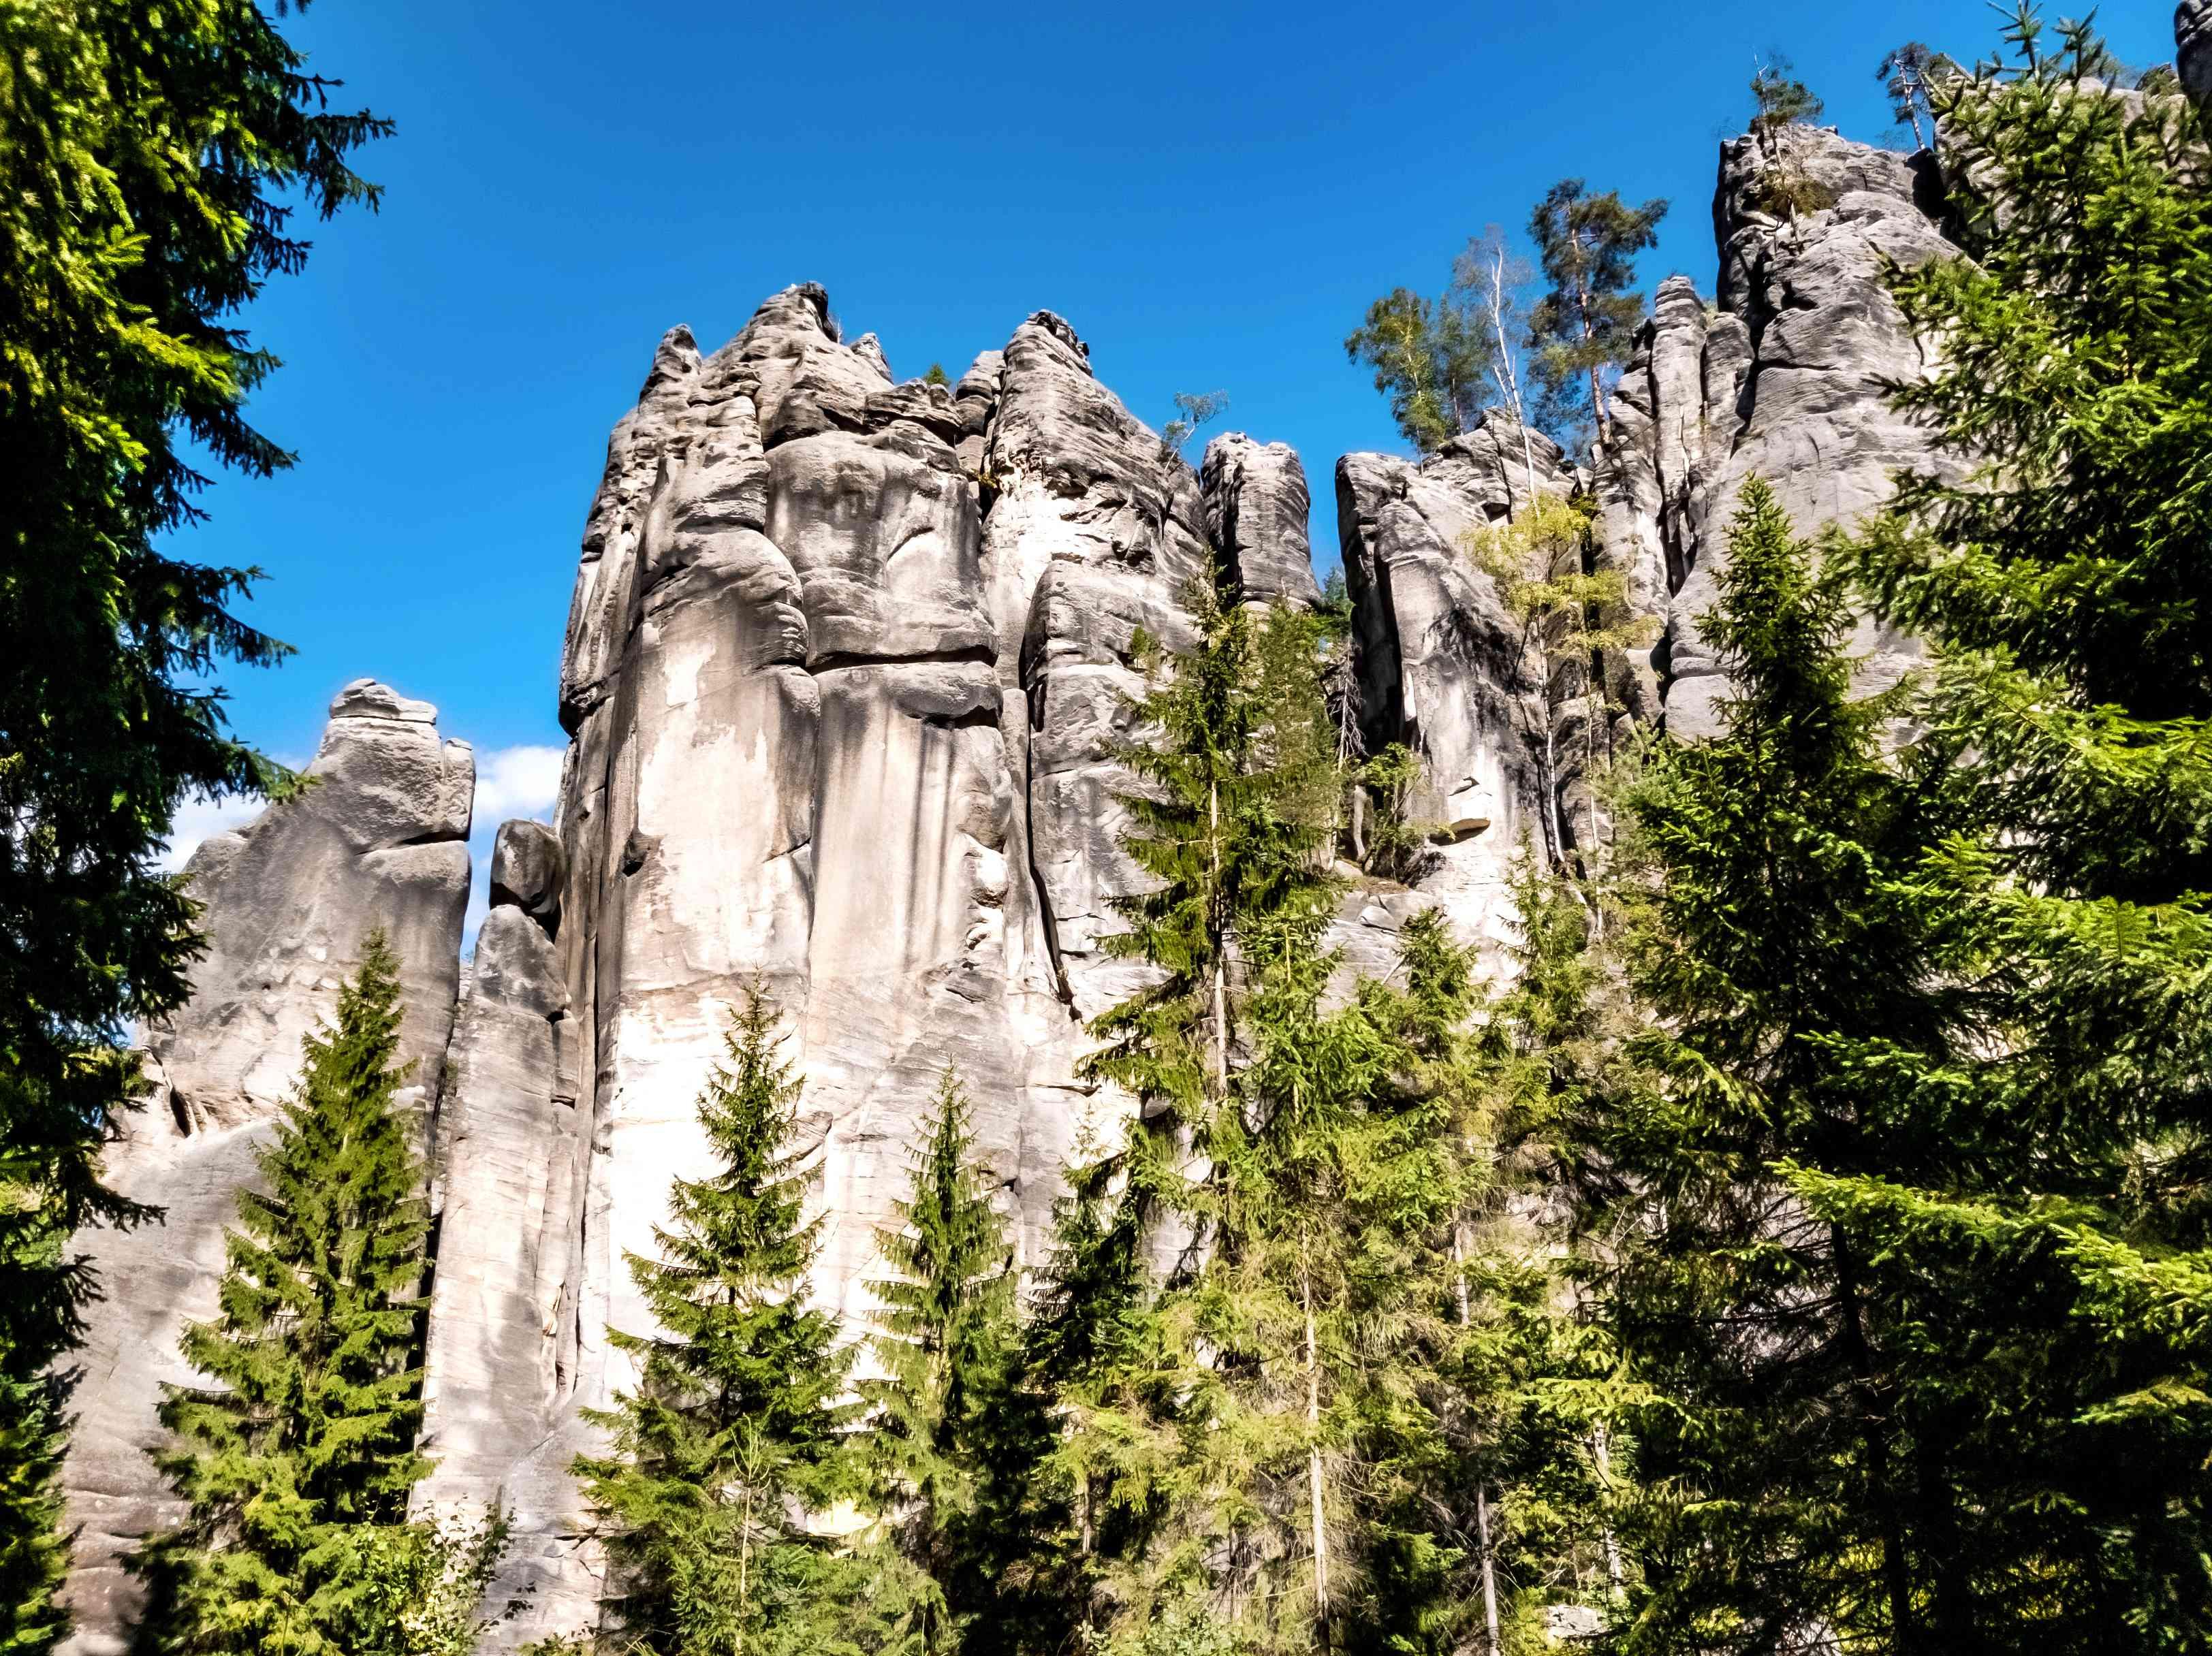 Formaciones rocosas de arenisca en las rocas de Teplice en las proximidades de Teplice nad Metují, checo República